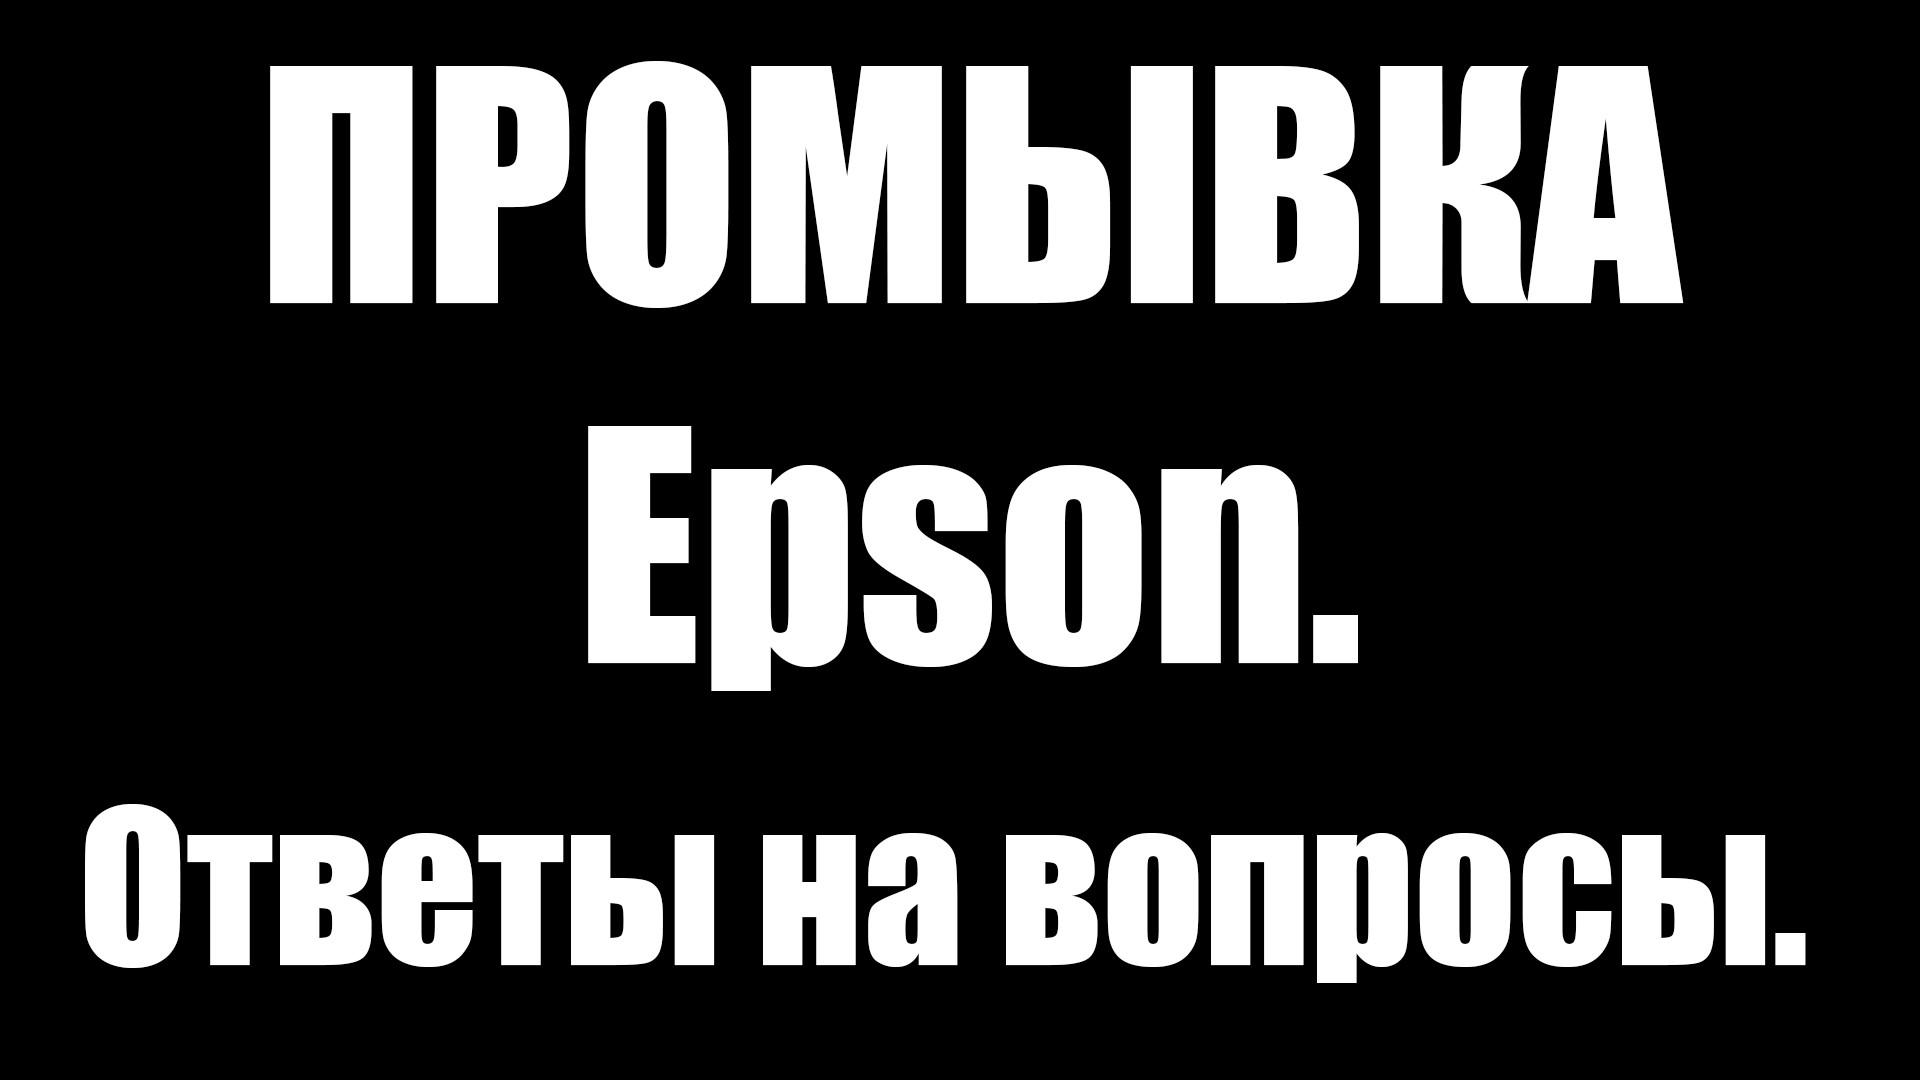 Промывка Epson, ответы на вопросы